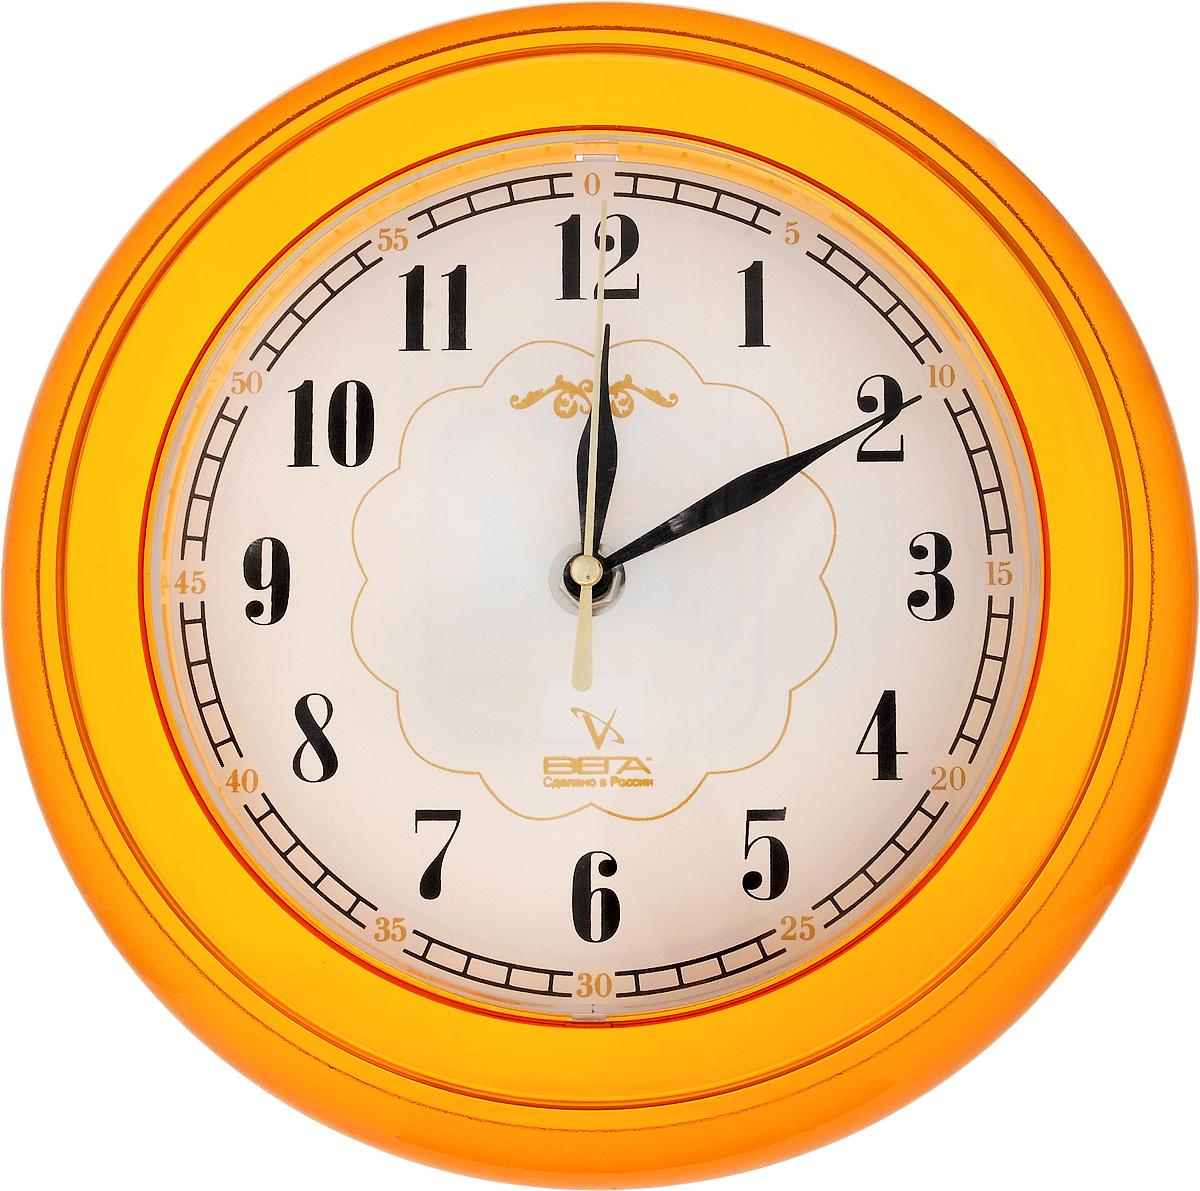 Часы настенные Вега Классика, цвет: оранжевый, диаметр 22 смП6-17-20Настенные кварцевые часы Вега Классика, изготовленные из пластика, прекрасно впишутся в интерьер вашего дома. Круглые часы имеют три стрелки: часовую,минутную и секундную, циферблат защищен прозрачным стеклом.Часы работают от 1 батарейки типа АА напряжением 1,5 В (не входит в комплект).Диаметр часов: 22 см.